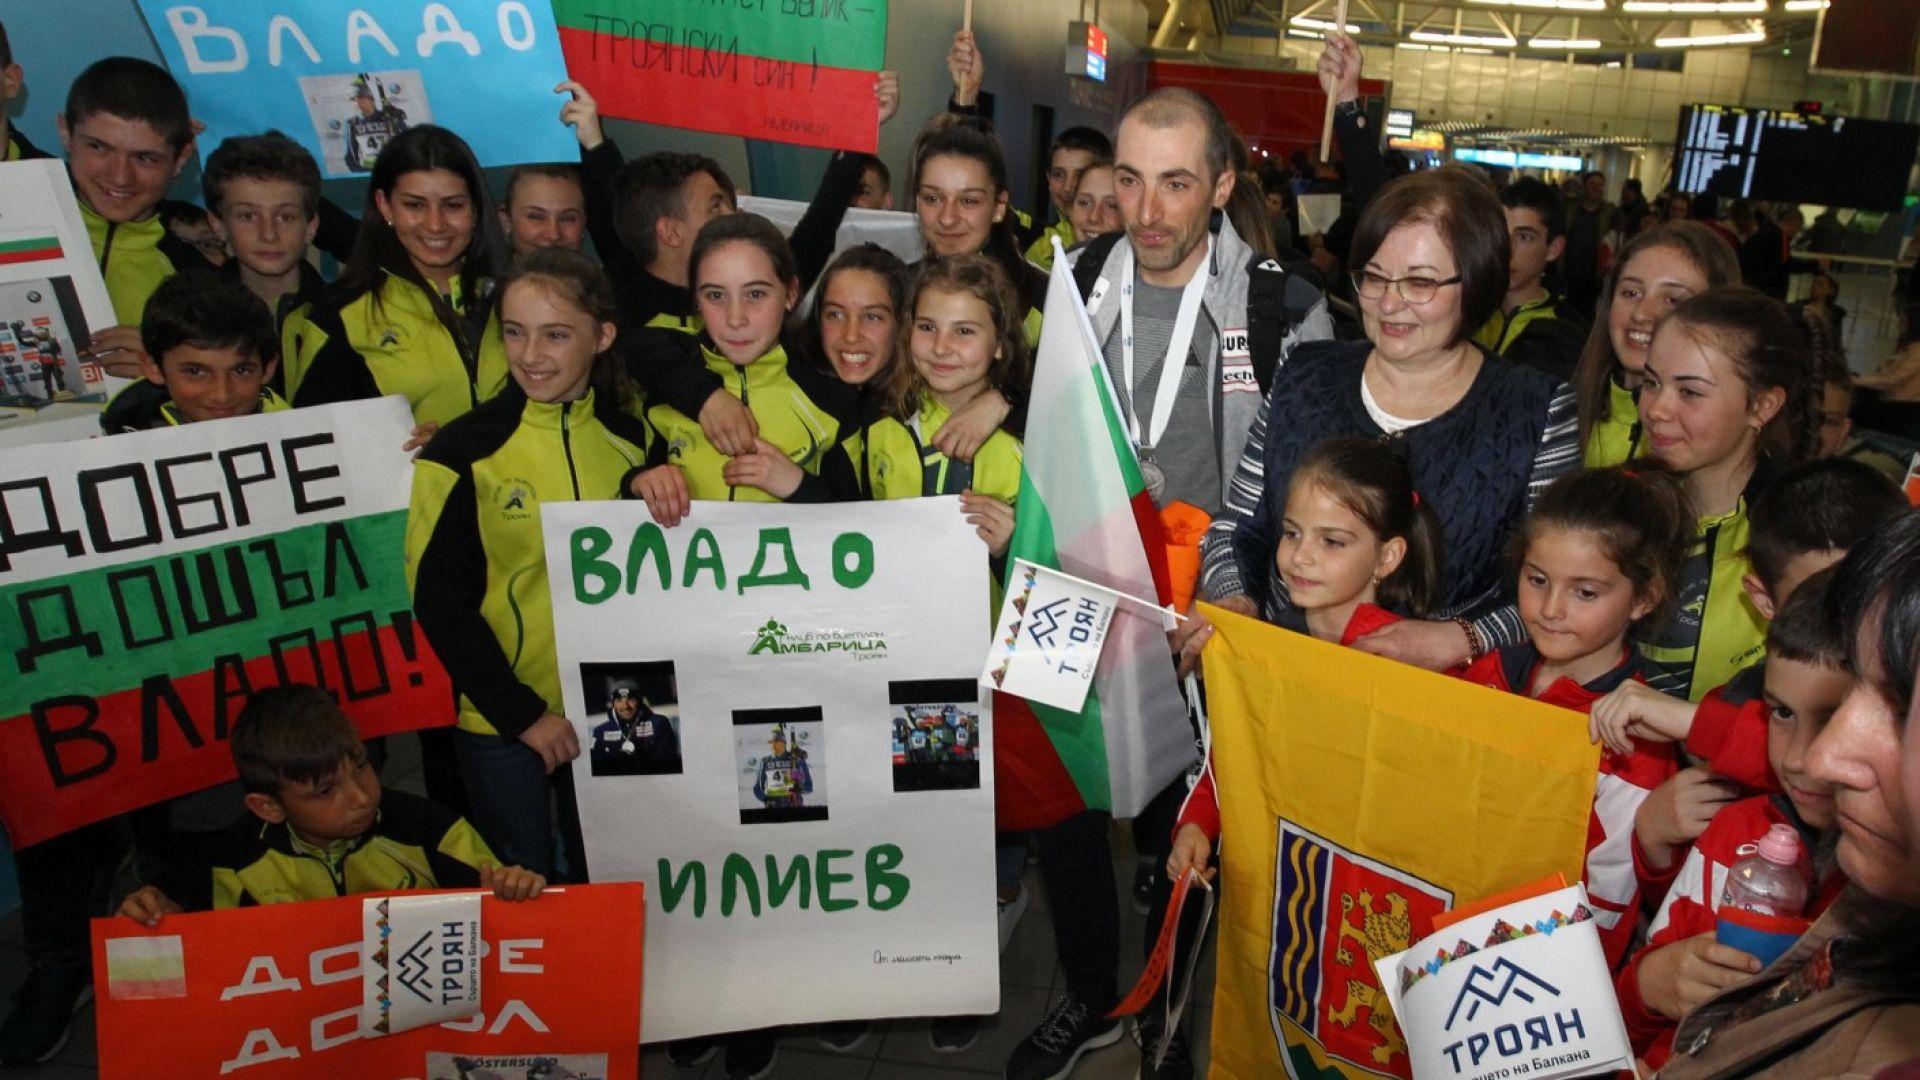 Владо Илиев бе посрещнат като национален герой (снимки)